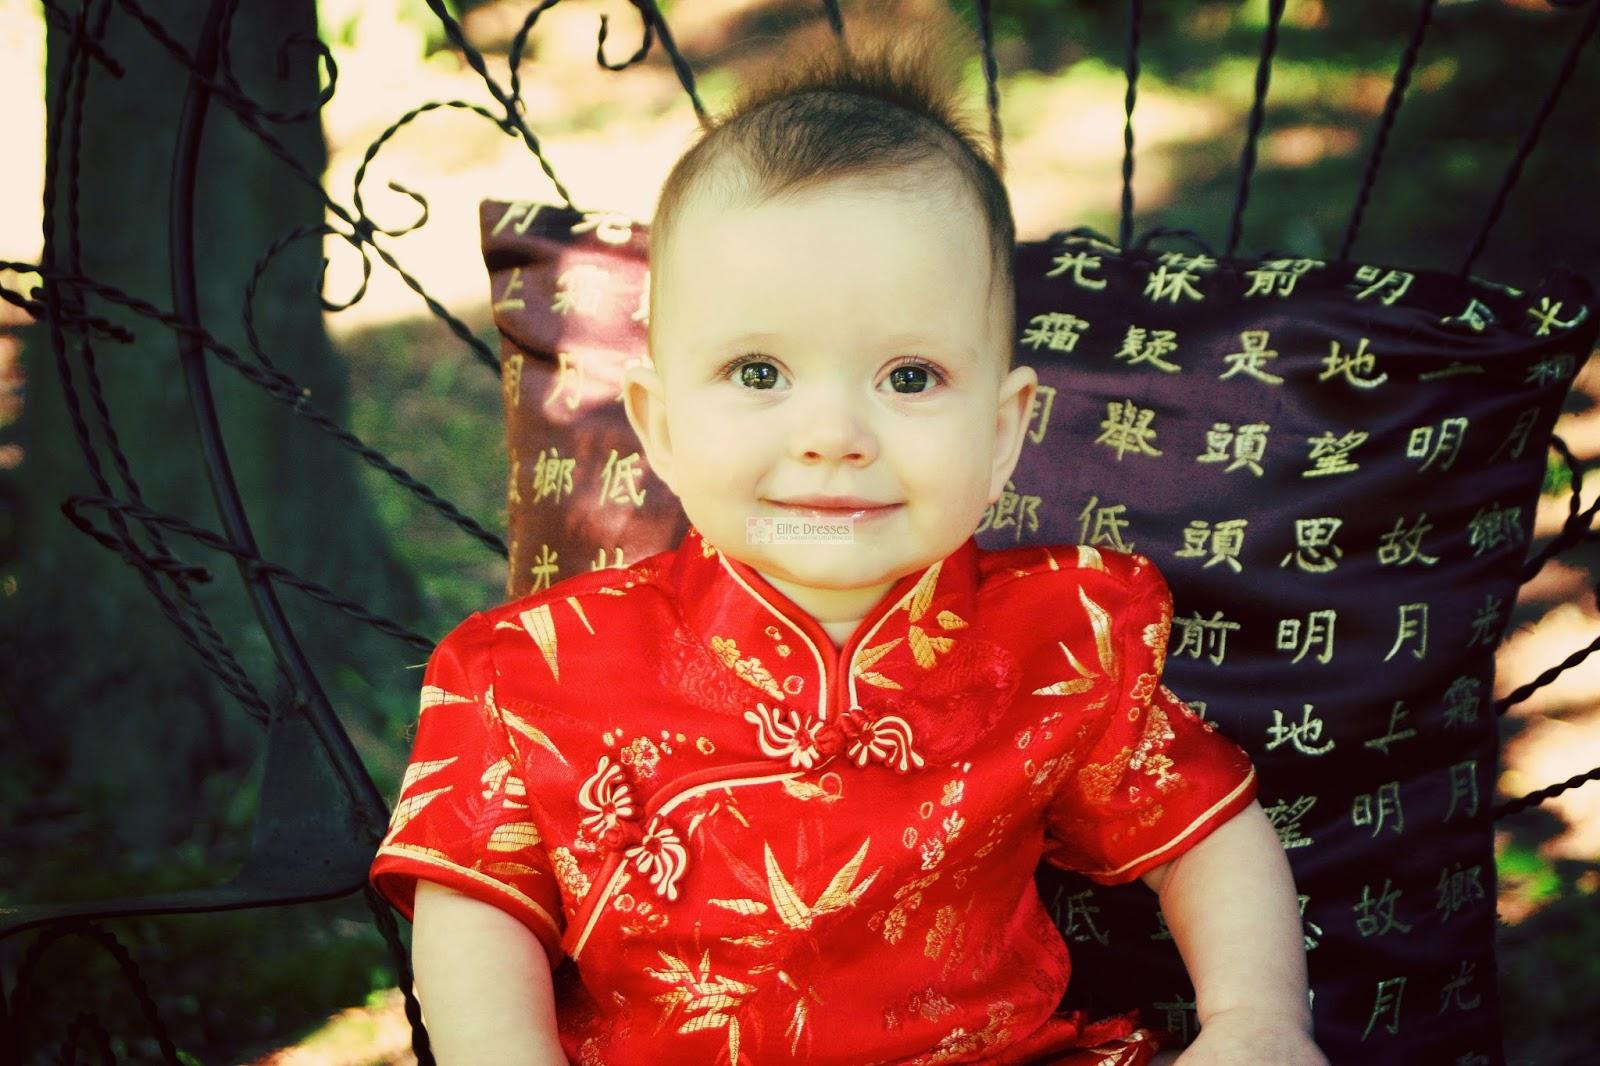 gambar bayi ganteng cina laki-laki